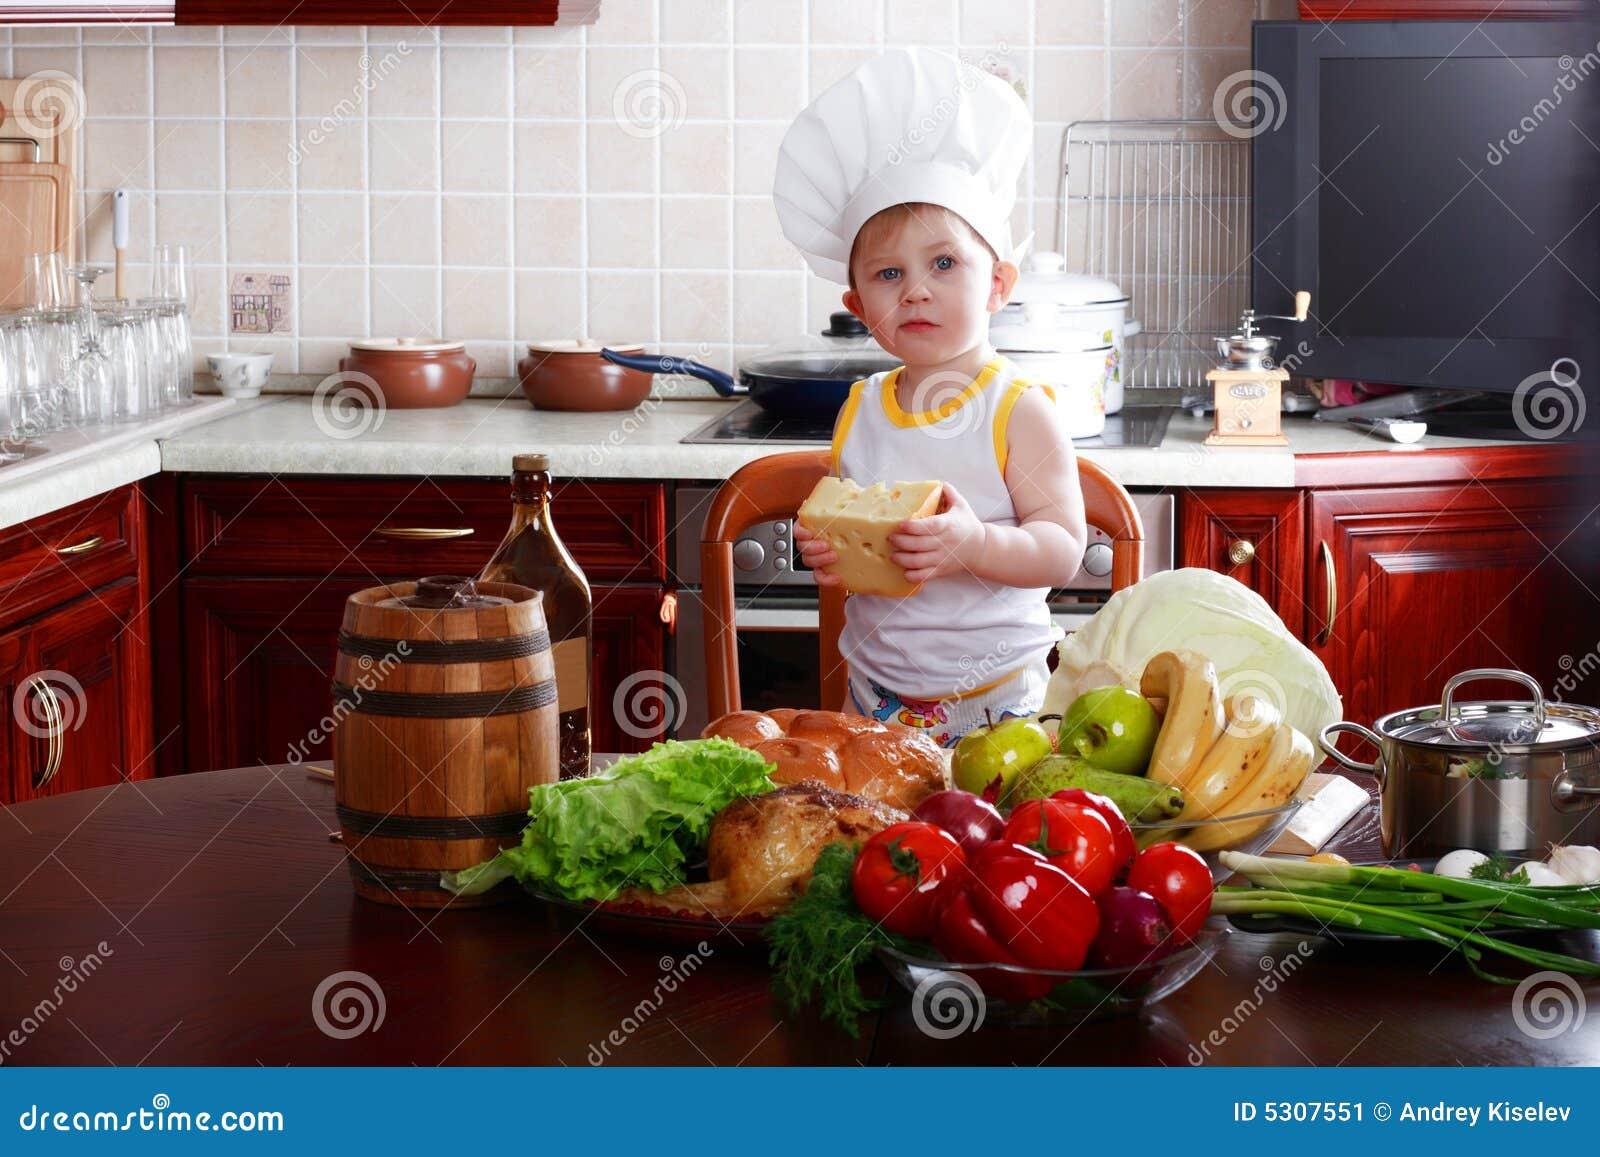 Download Allegro immagine stock. Immagine di bambino, bambini, ragazzo - 5307551